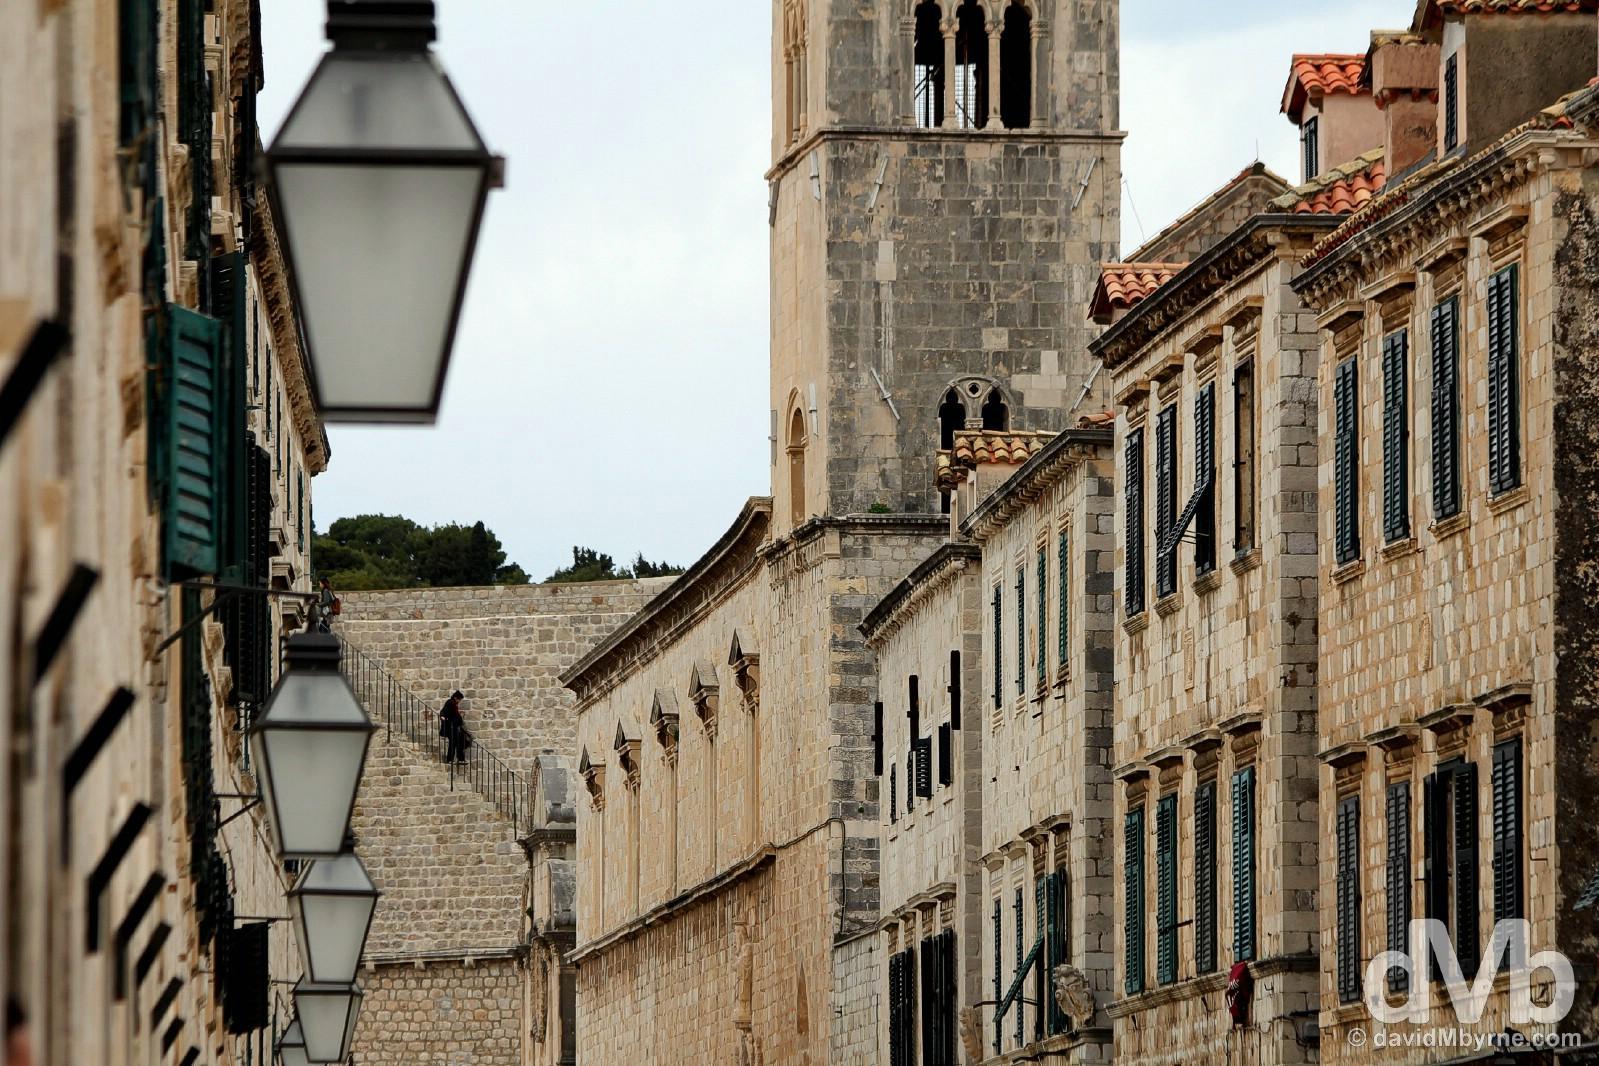 Palca, Old Town, Dubrovnik, Croatia. April 7, 2015.